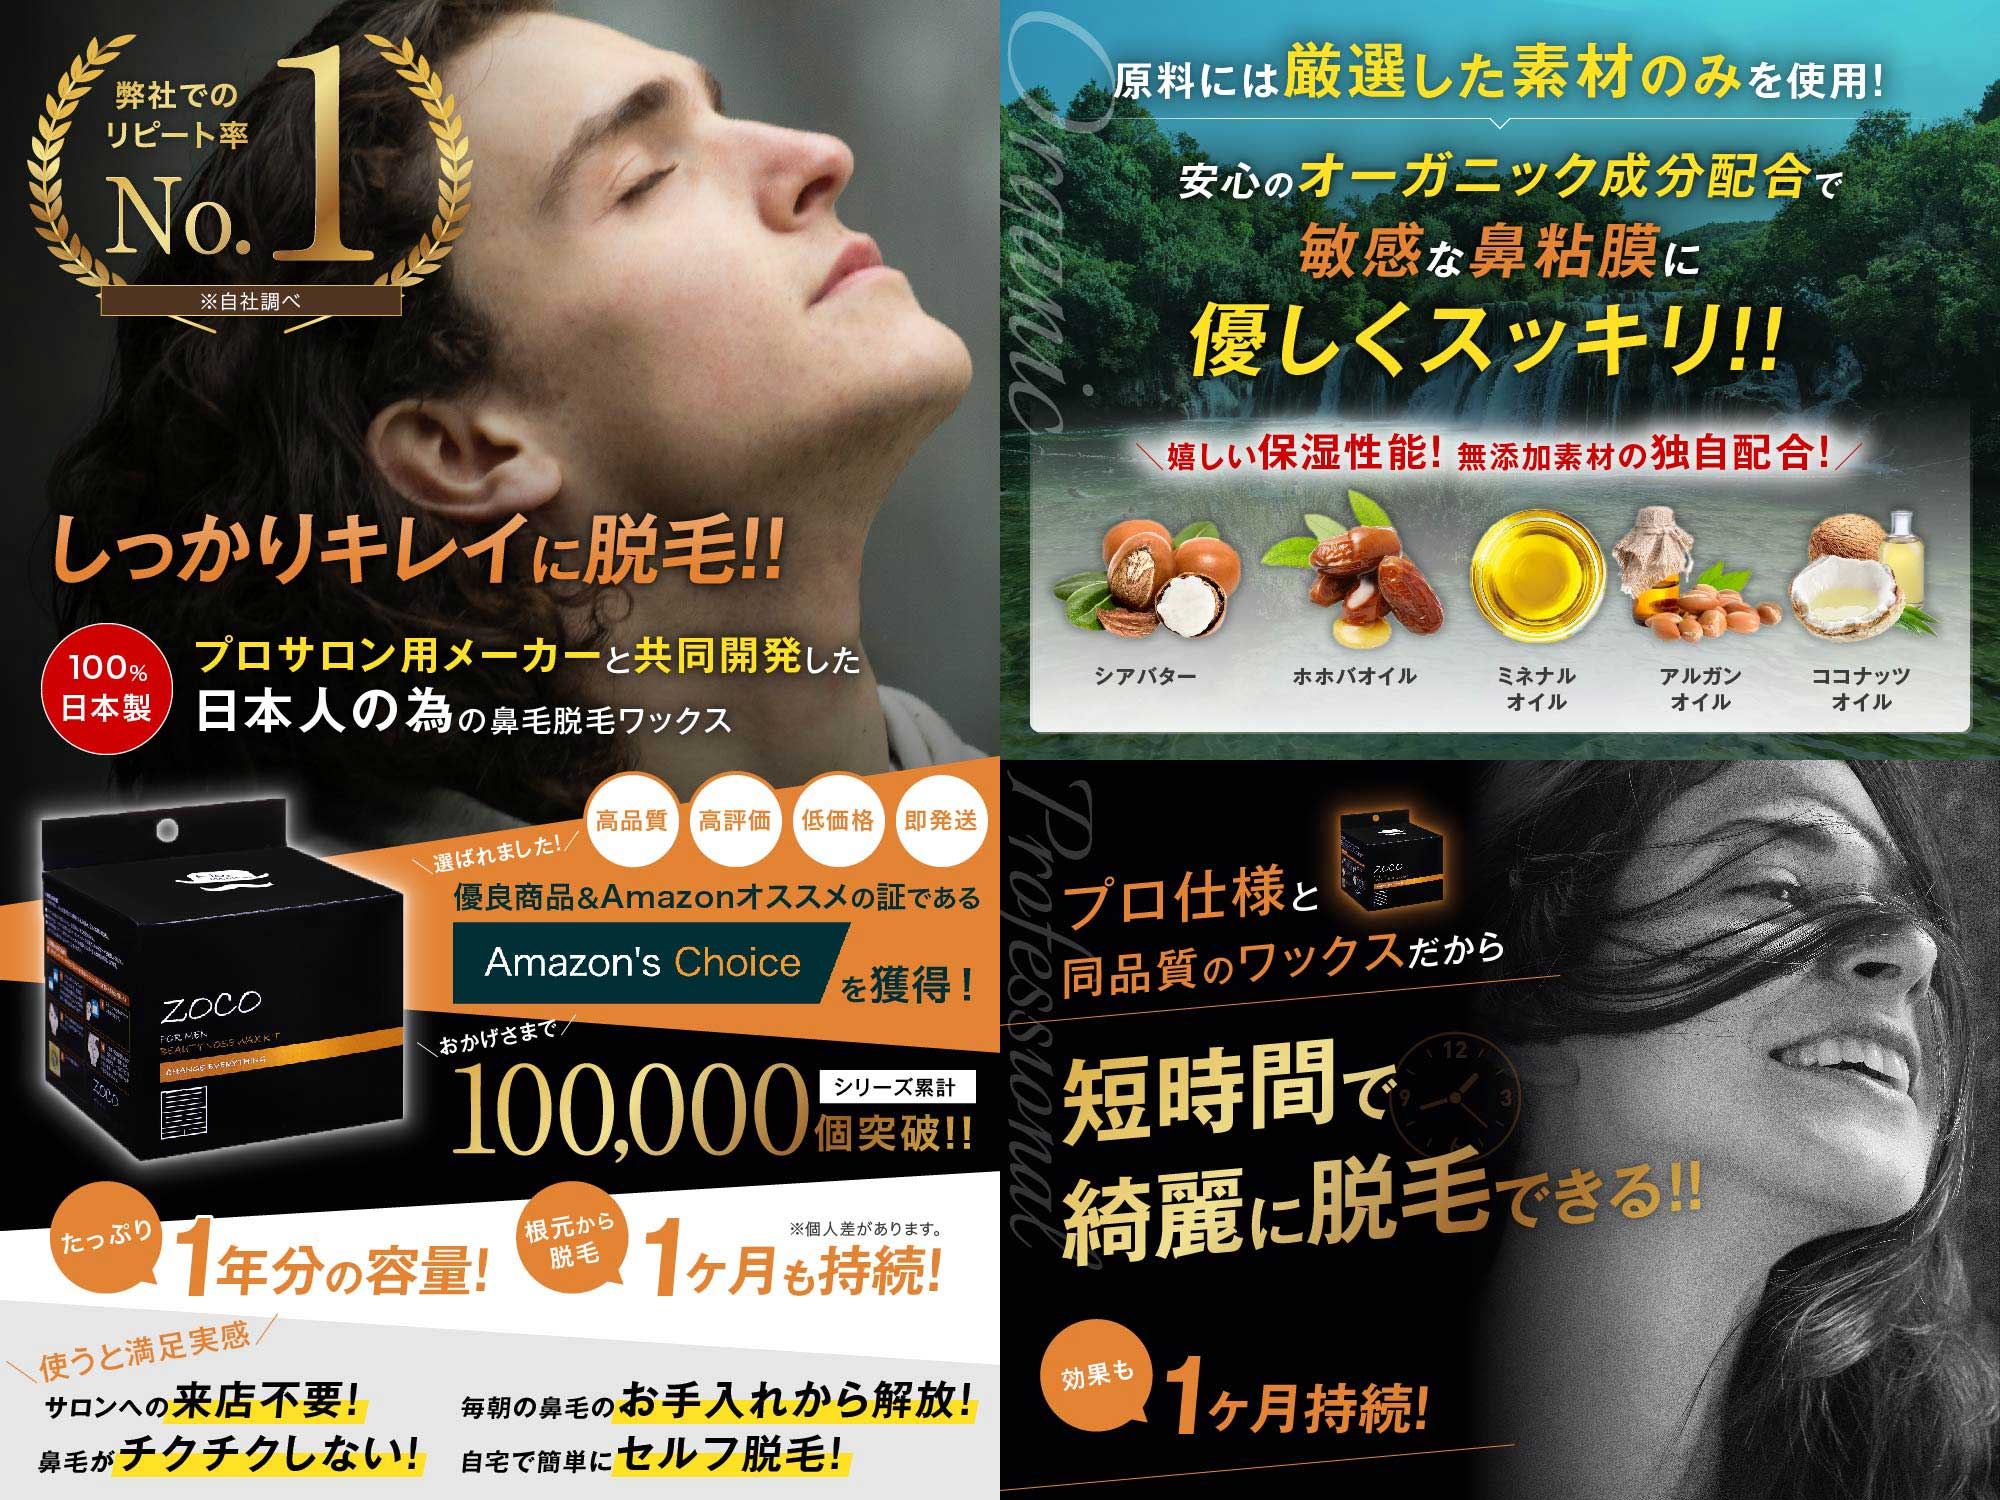 鼻毛脱毛ワックスがAmazonでもレビュー高評価で人気!Not menuブランドが発売開始。 notmenu_nosewax_main